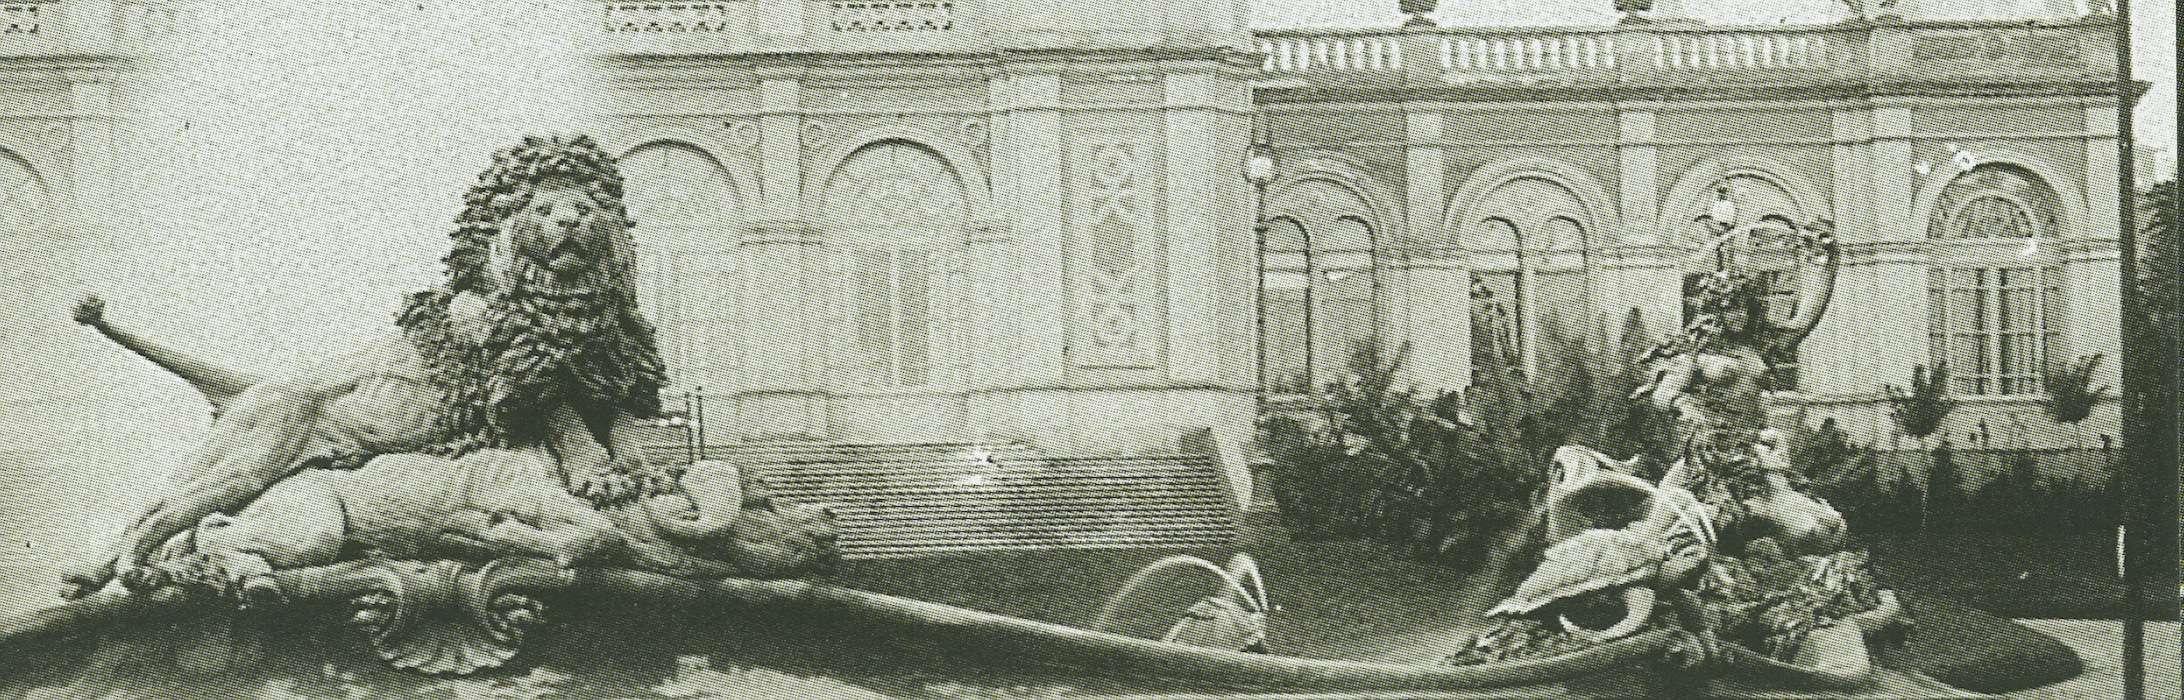 Diego Sarti, la fontana  in cemento nel piazzale dell'Esposizione Emiliana, Bologna, Giardini Margherita, 1888